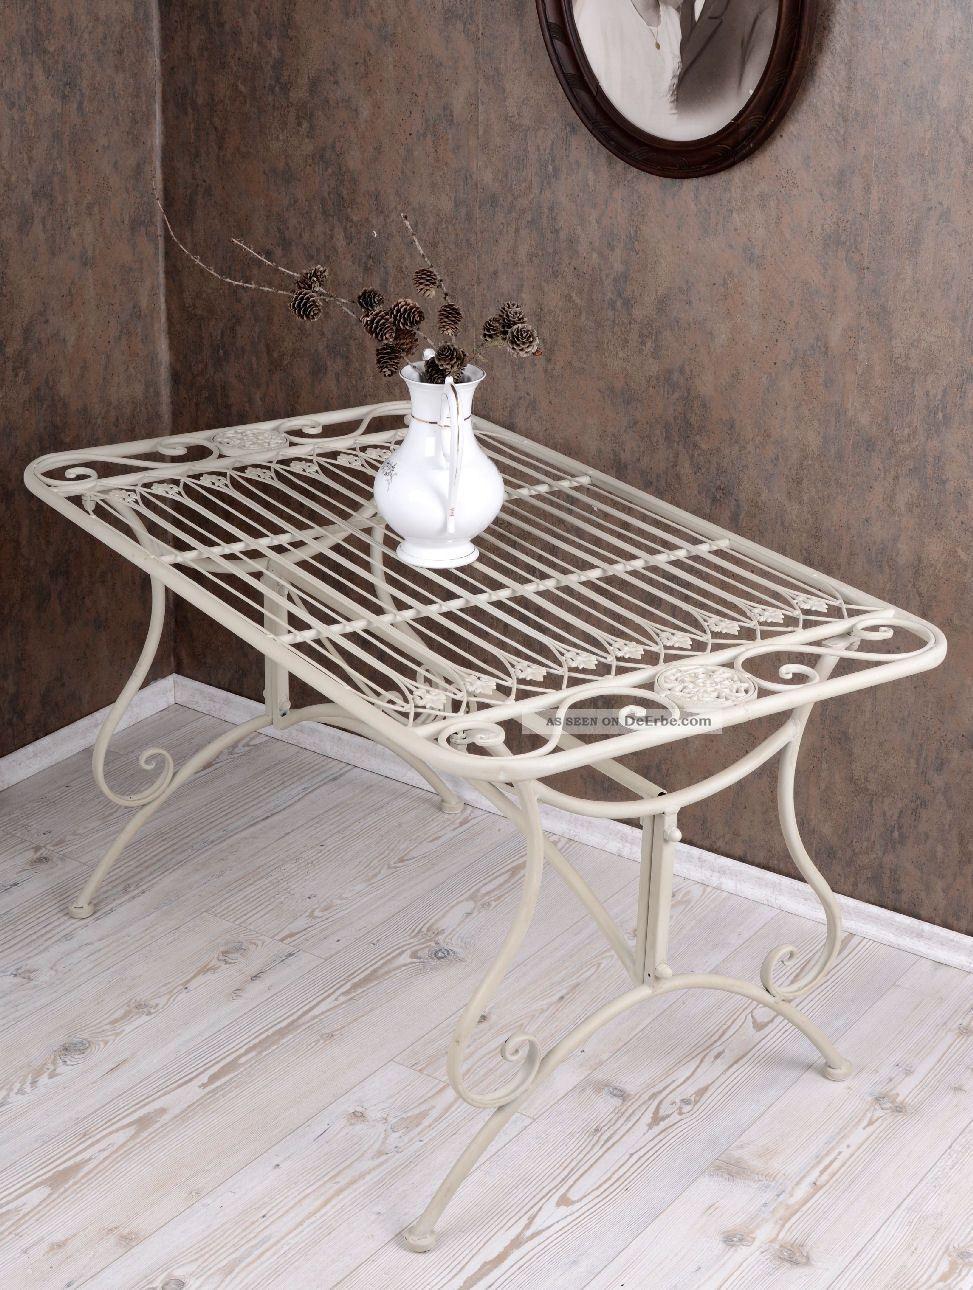 couchtisch gartentisch weiss metalltisch garten tisch. Black Bedroom Furniture Sets. Home Design Ideas